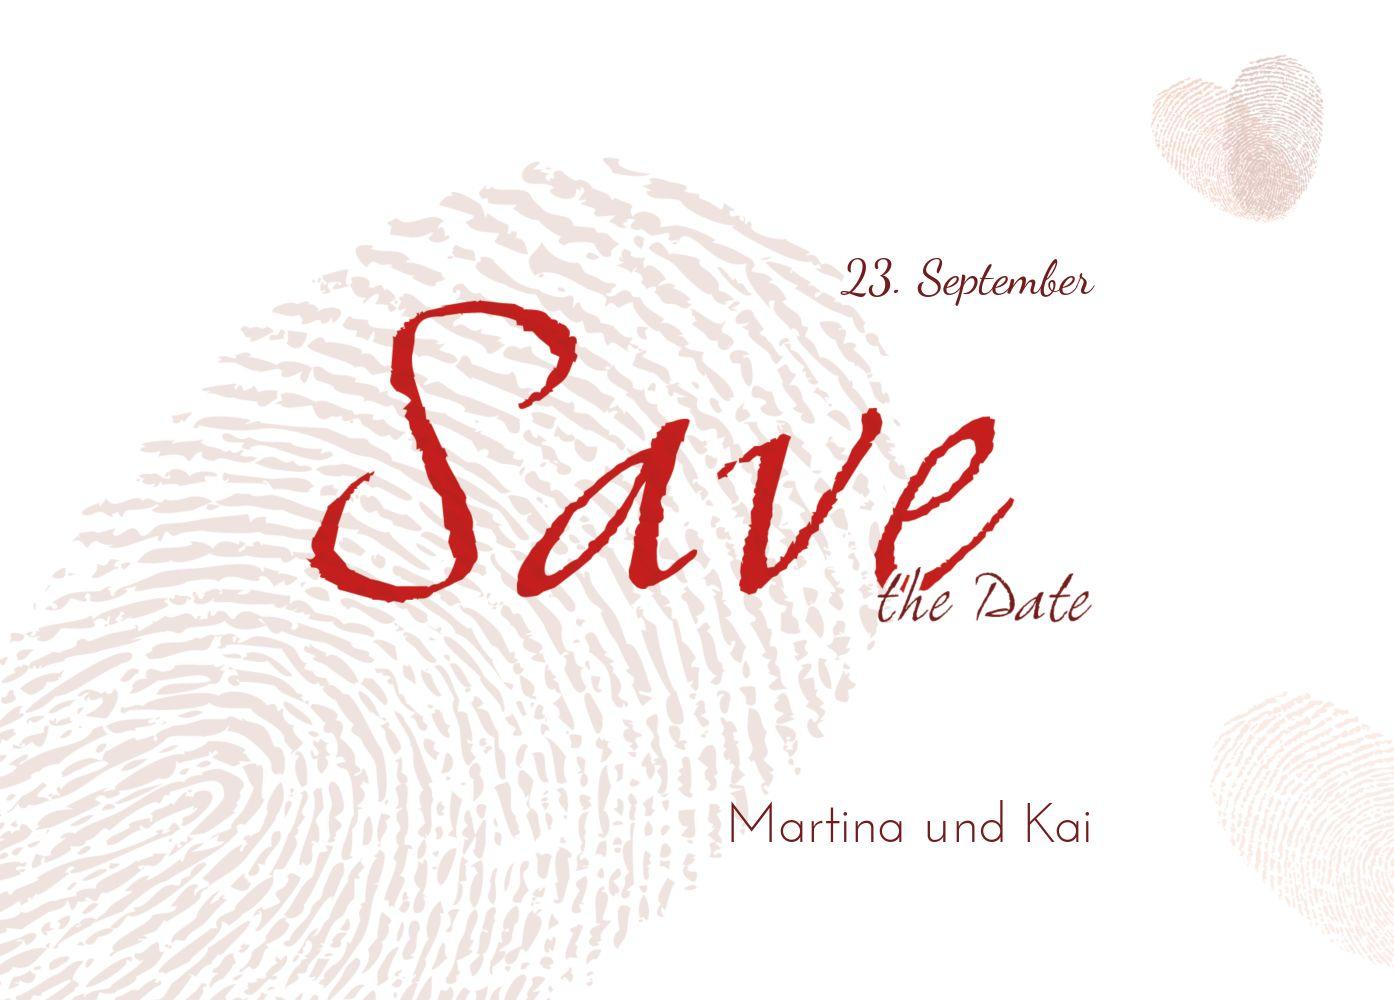 Ansicht 2 - Save-the-Date fingerprint